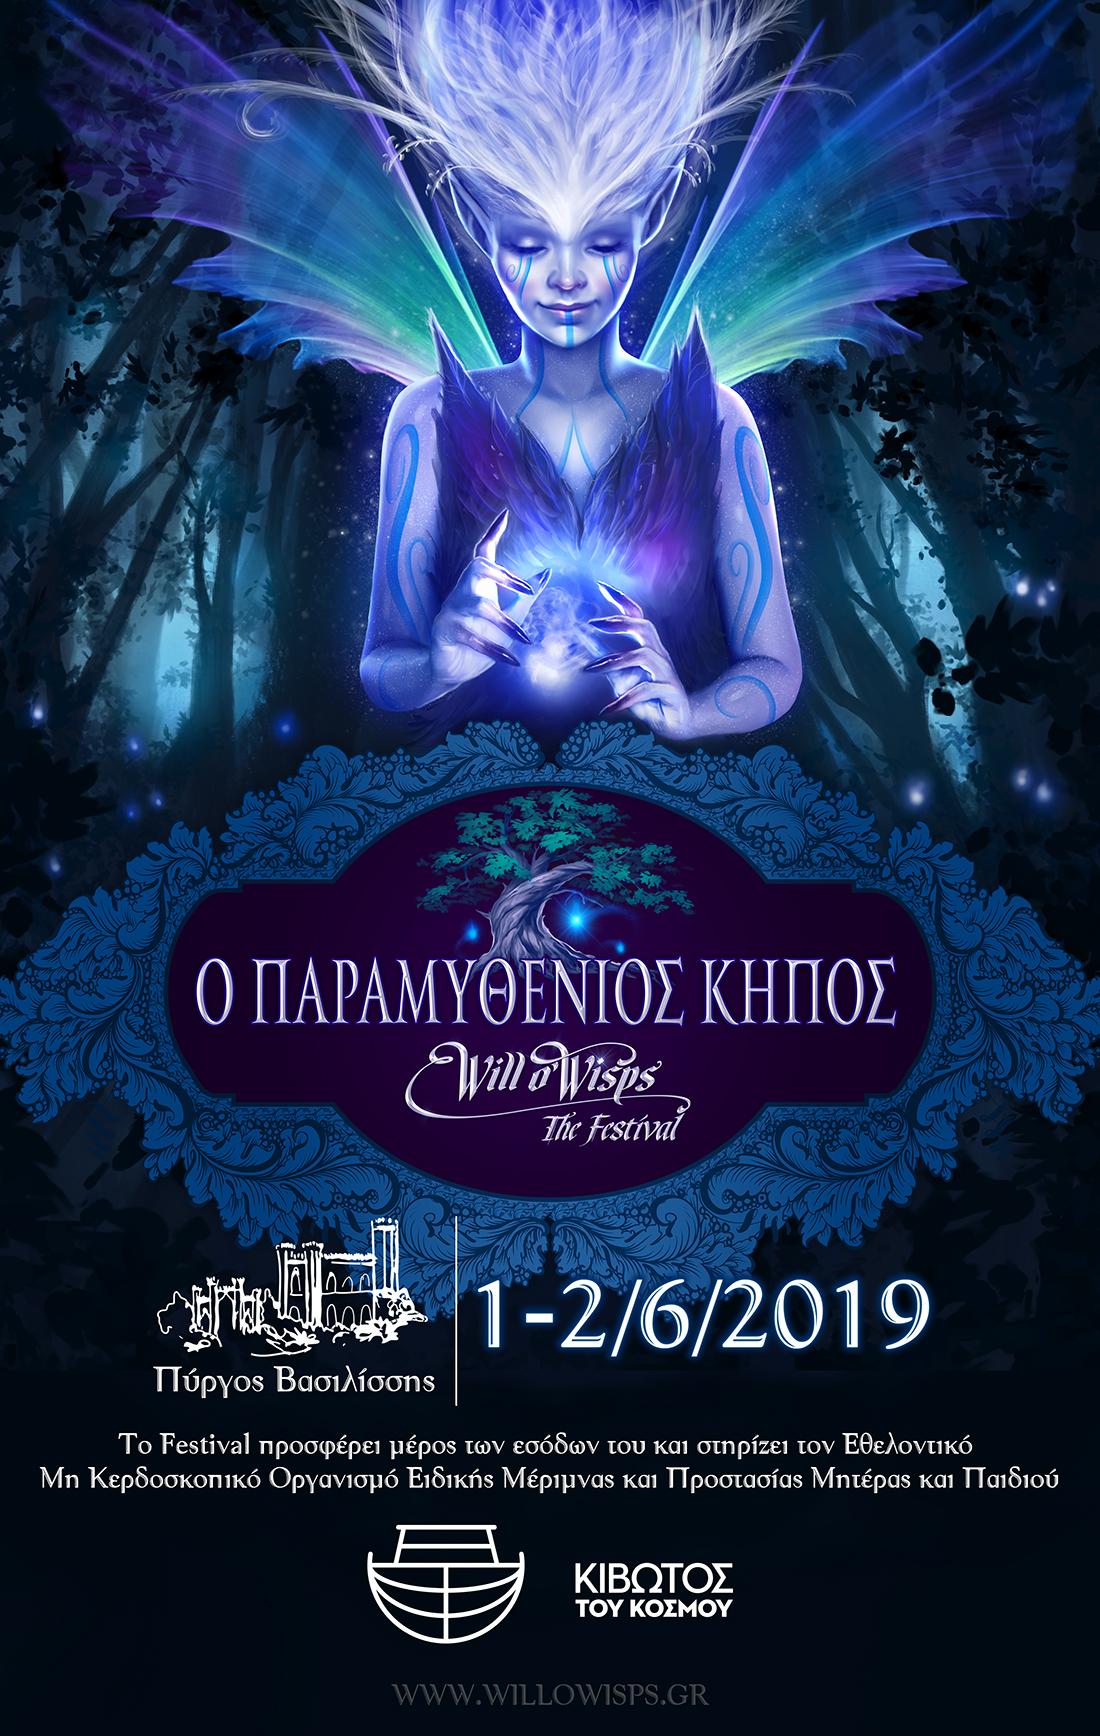 Will o' Wisps festival 2019 new poster final for media.jpg